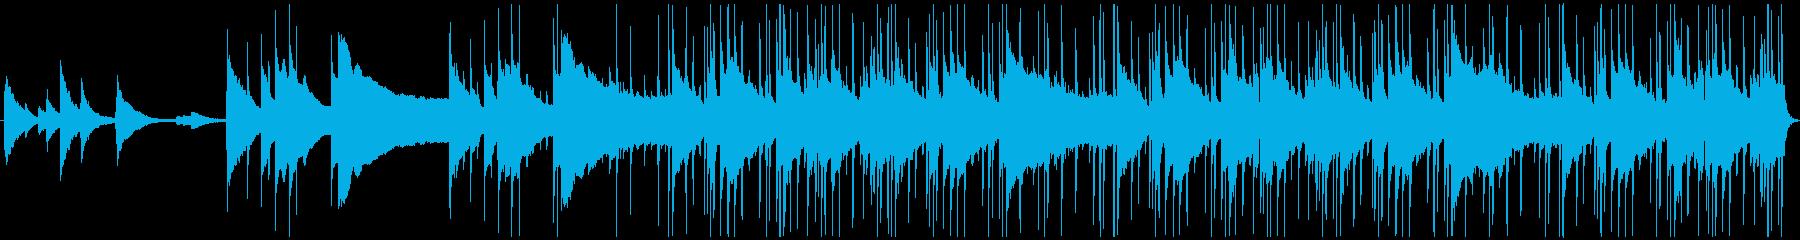 テンションとサスペンス。エピックサ...の再生済みの波形